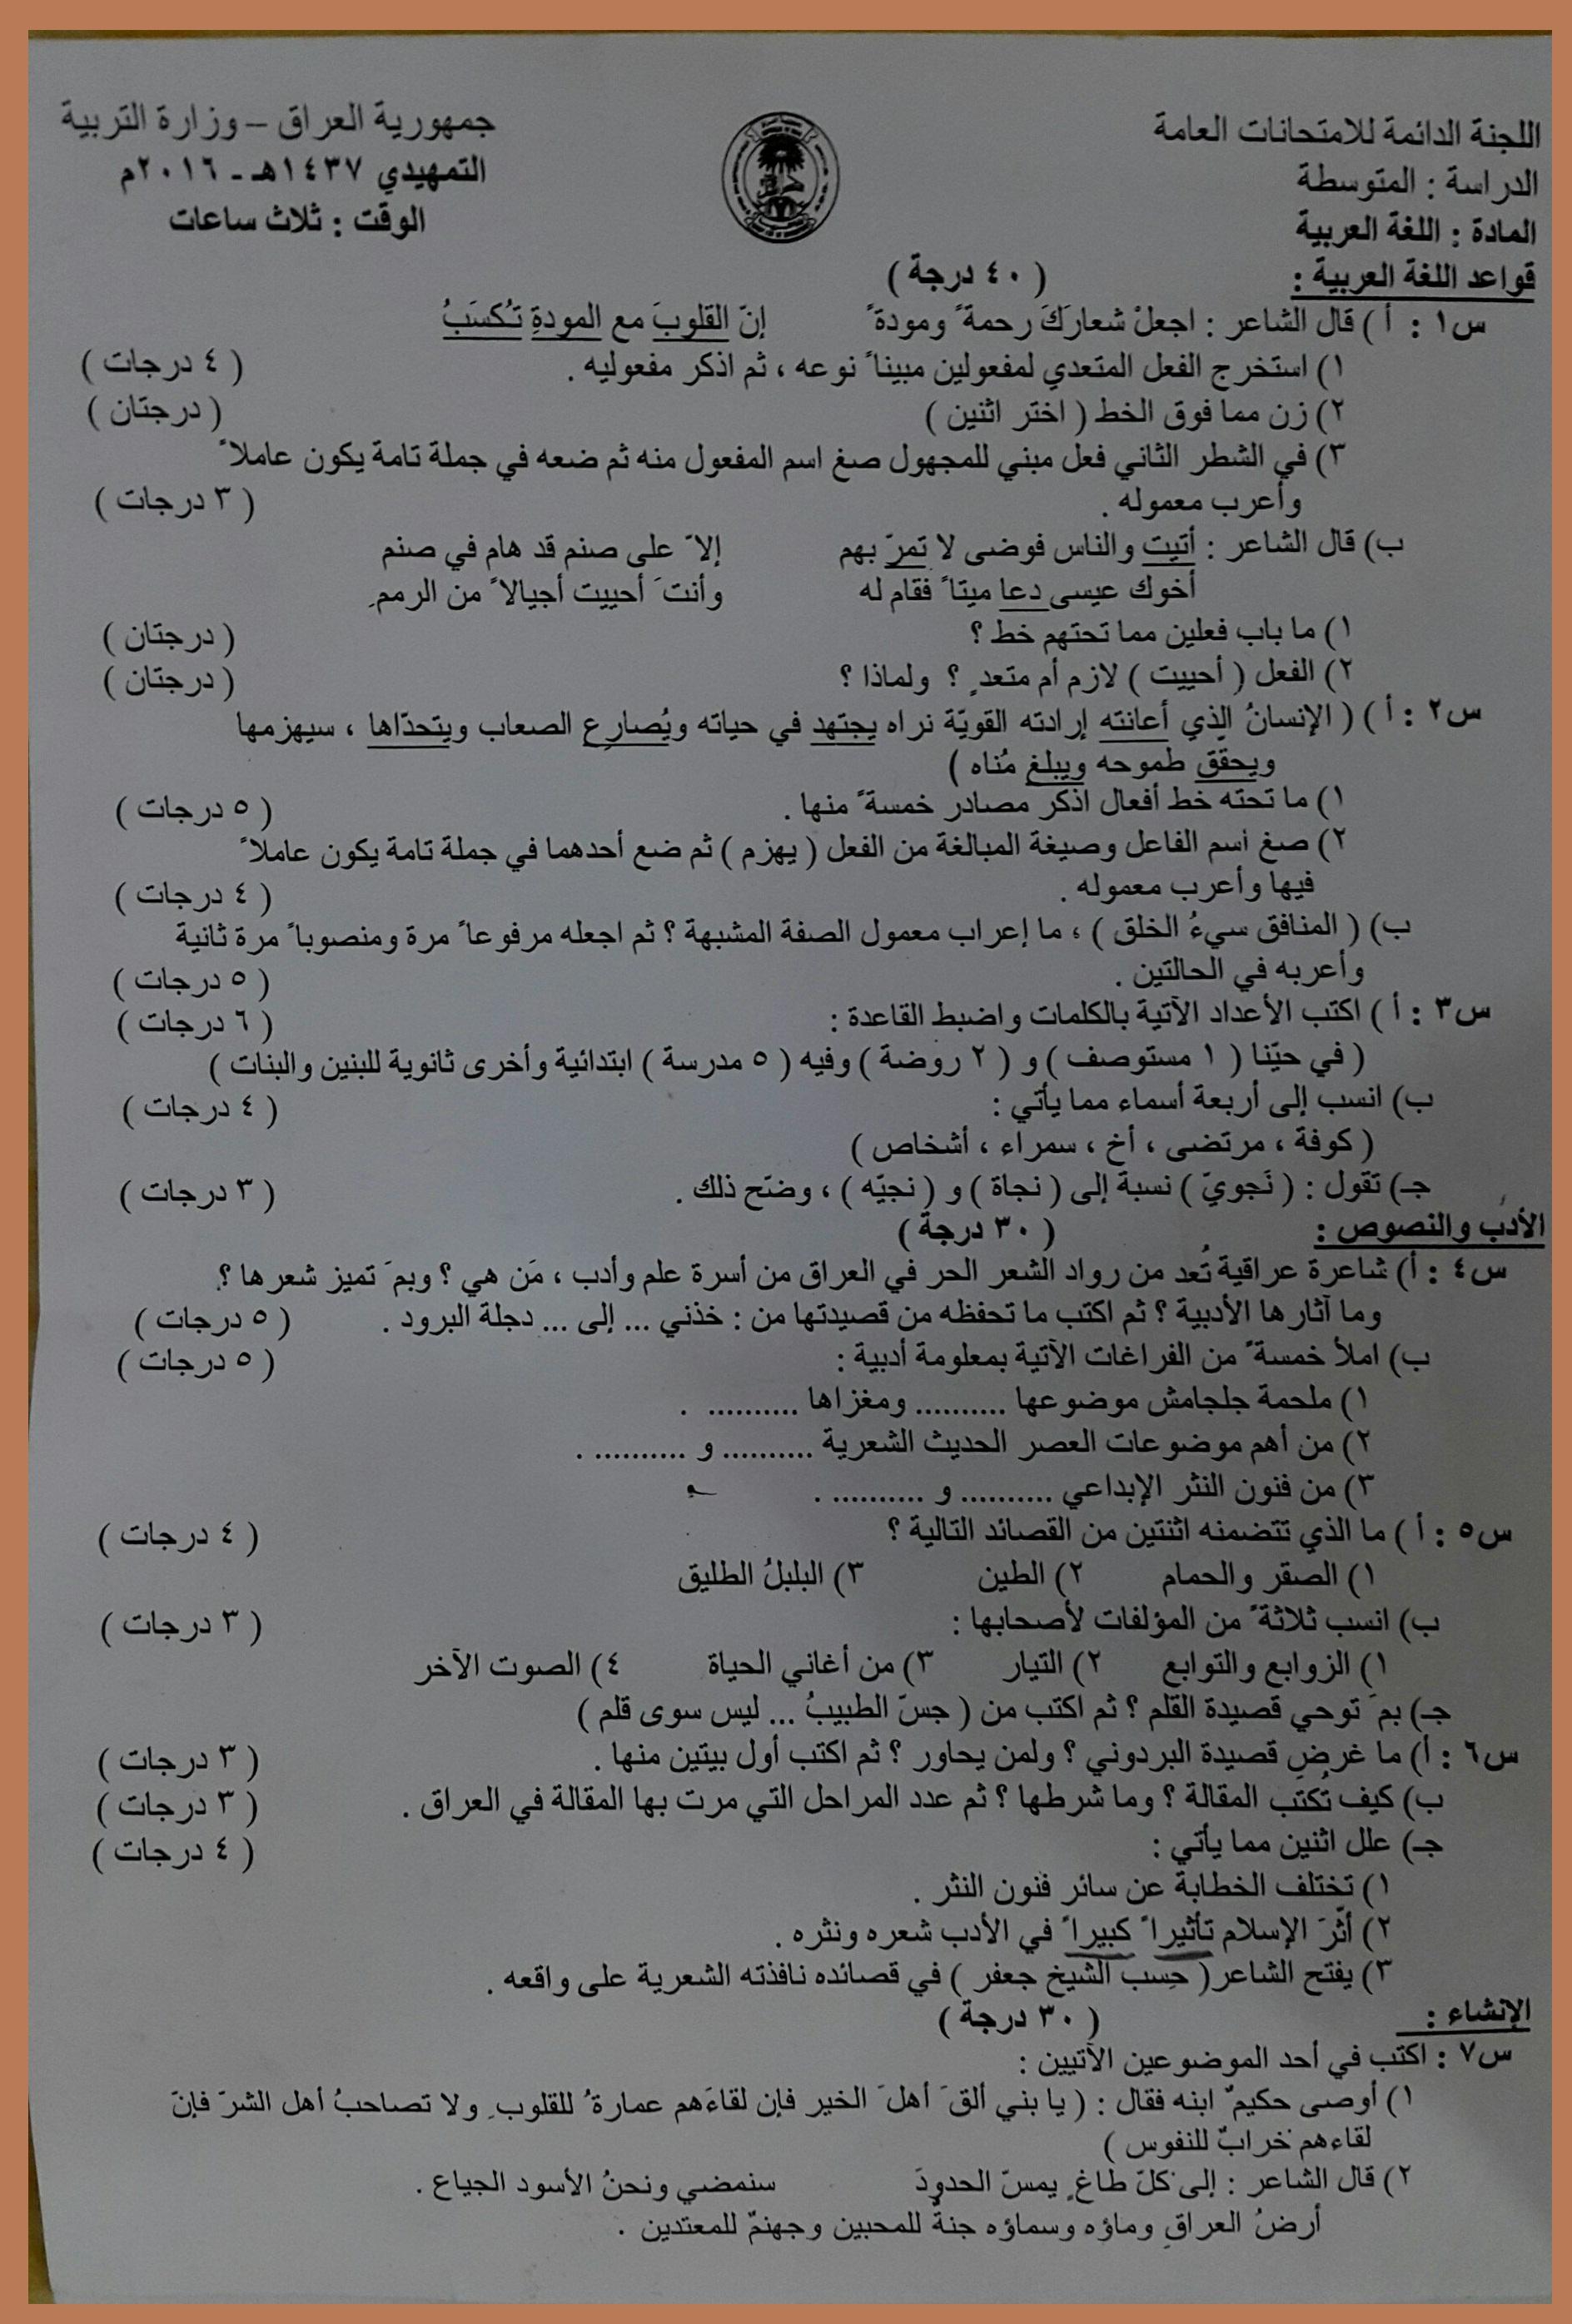 اسئلة العربي التمهيدي الثالث المتوسط 2016